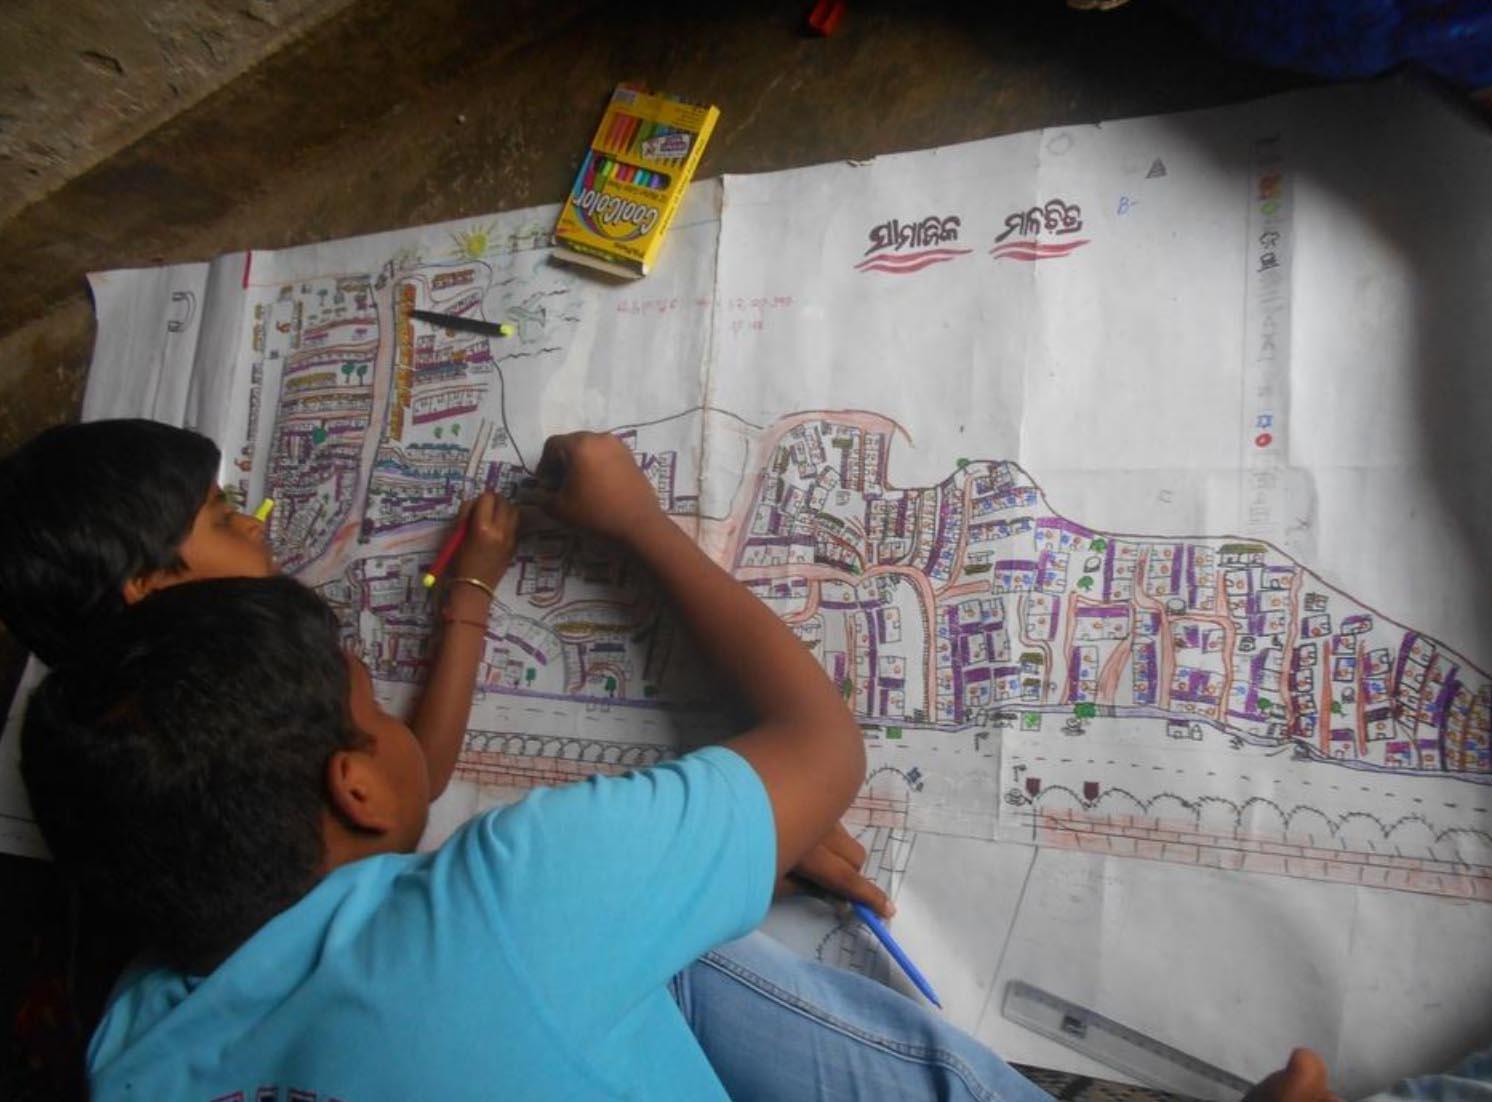 Del dibujo al  móvil: los niños de India revisan la planificación urbana de su ciudad para mejorarla